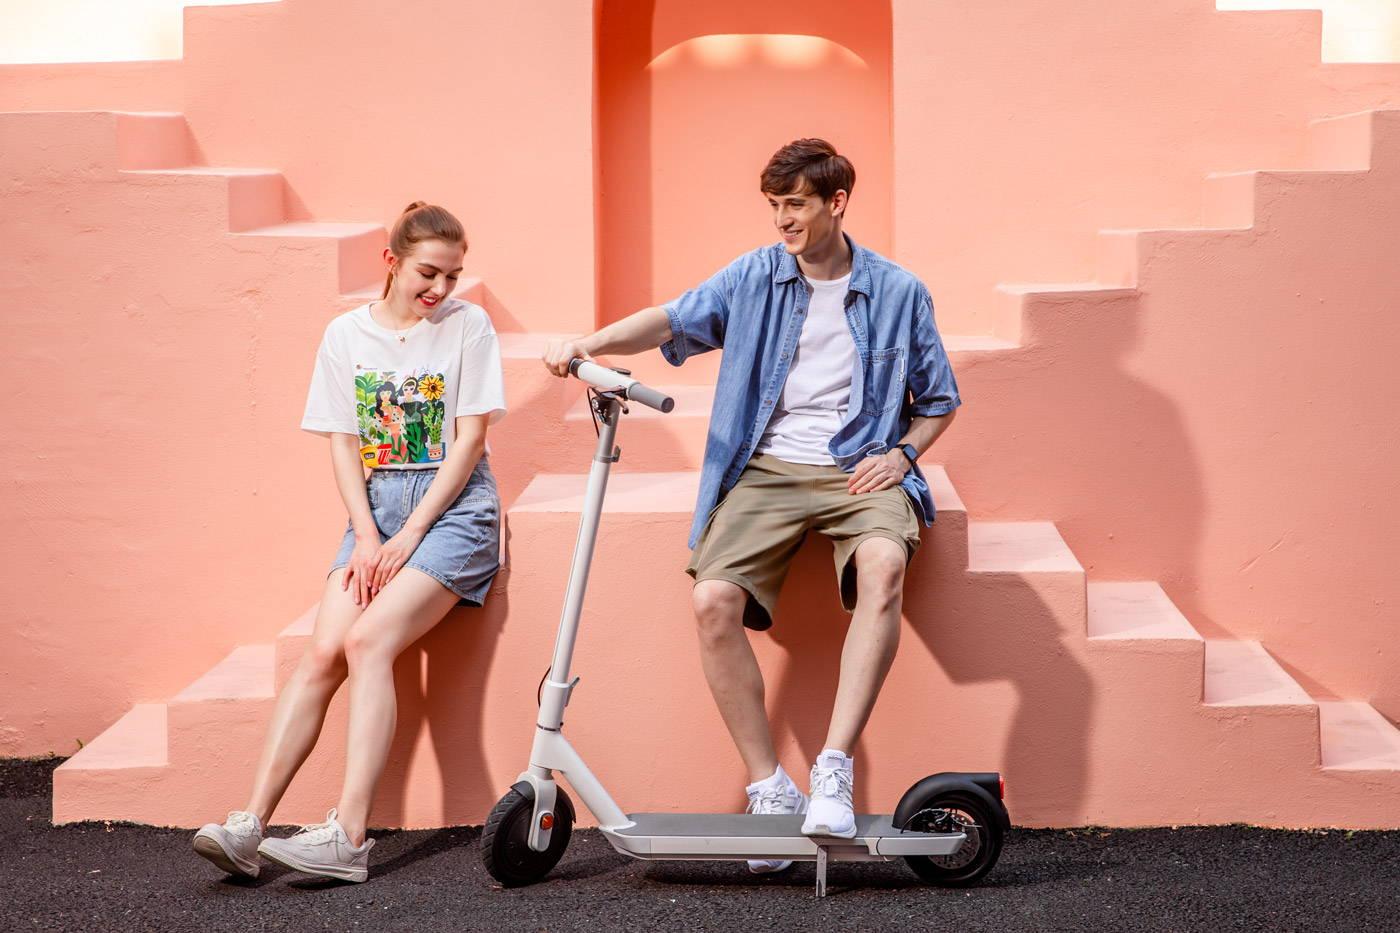 okai neon e-scooter couple smiling sitting